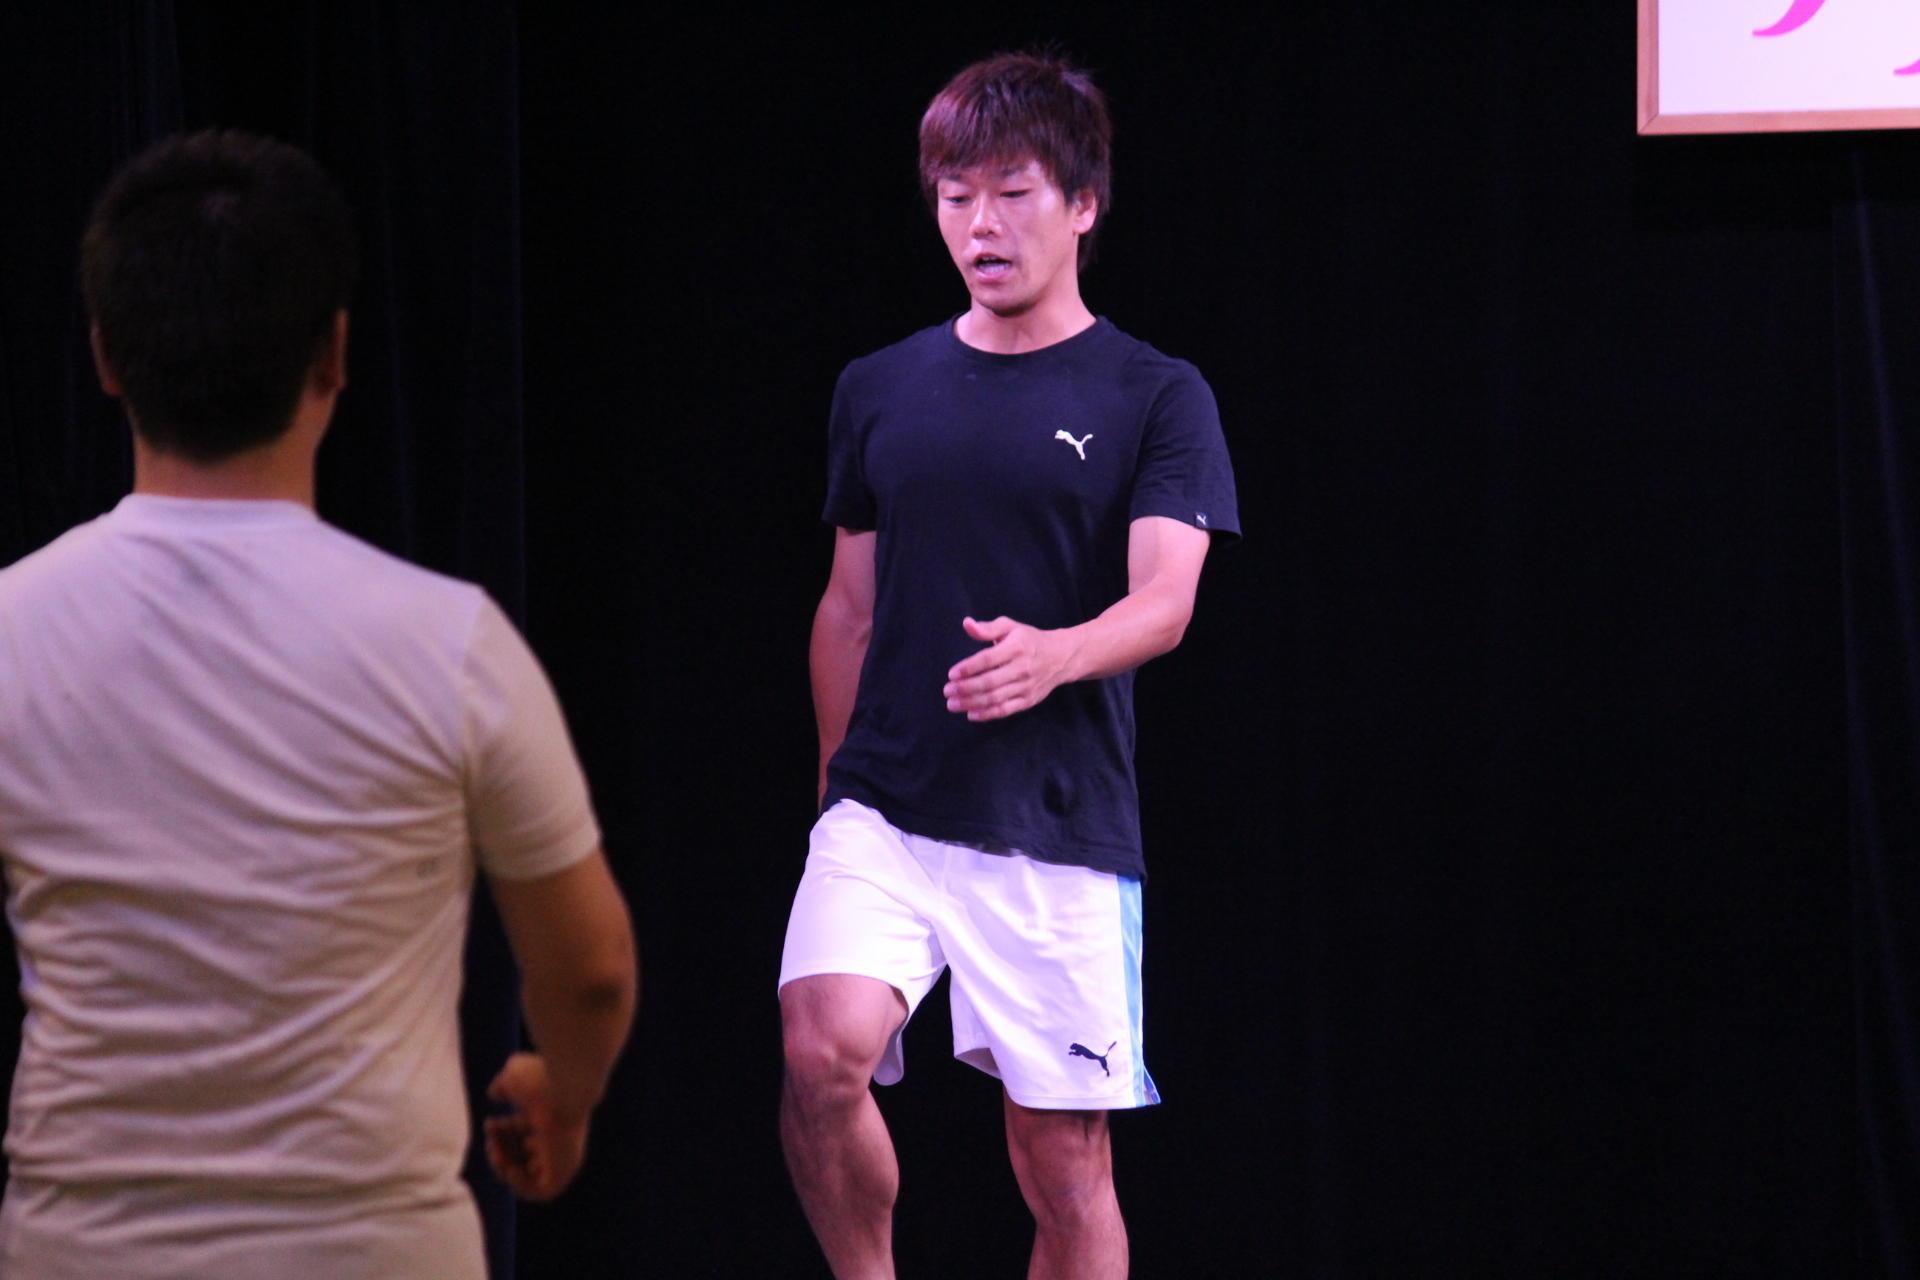 http://news.yoshimoto.co.jp/20181109172750-f8acda1f07074102f1f7685c294dd0df546b4016.jpg